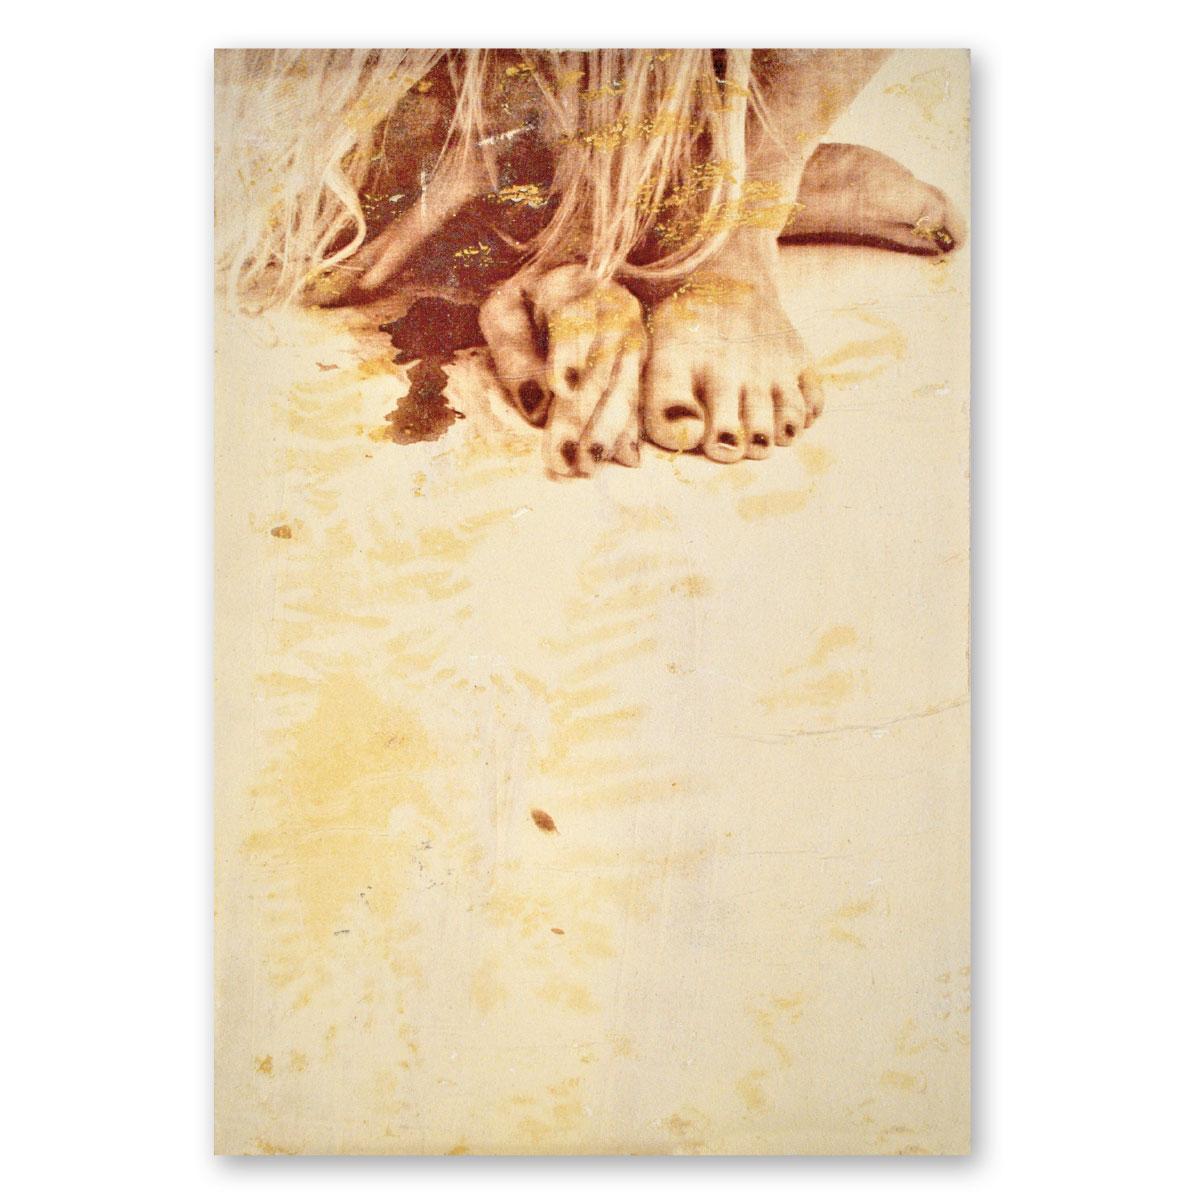 L'opera dell'artista Silvia Celeste Calcagno acquisita dal Museo a cielo aperto di Denice, dedicato alla ceramica contemporanea